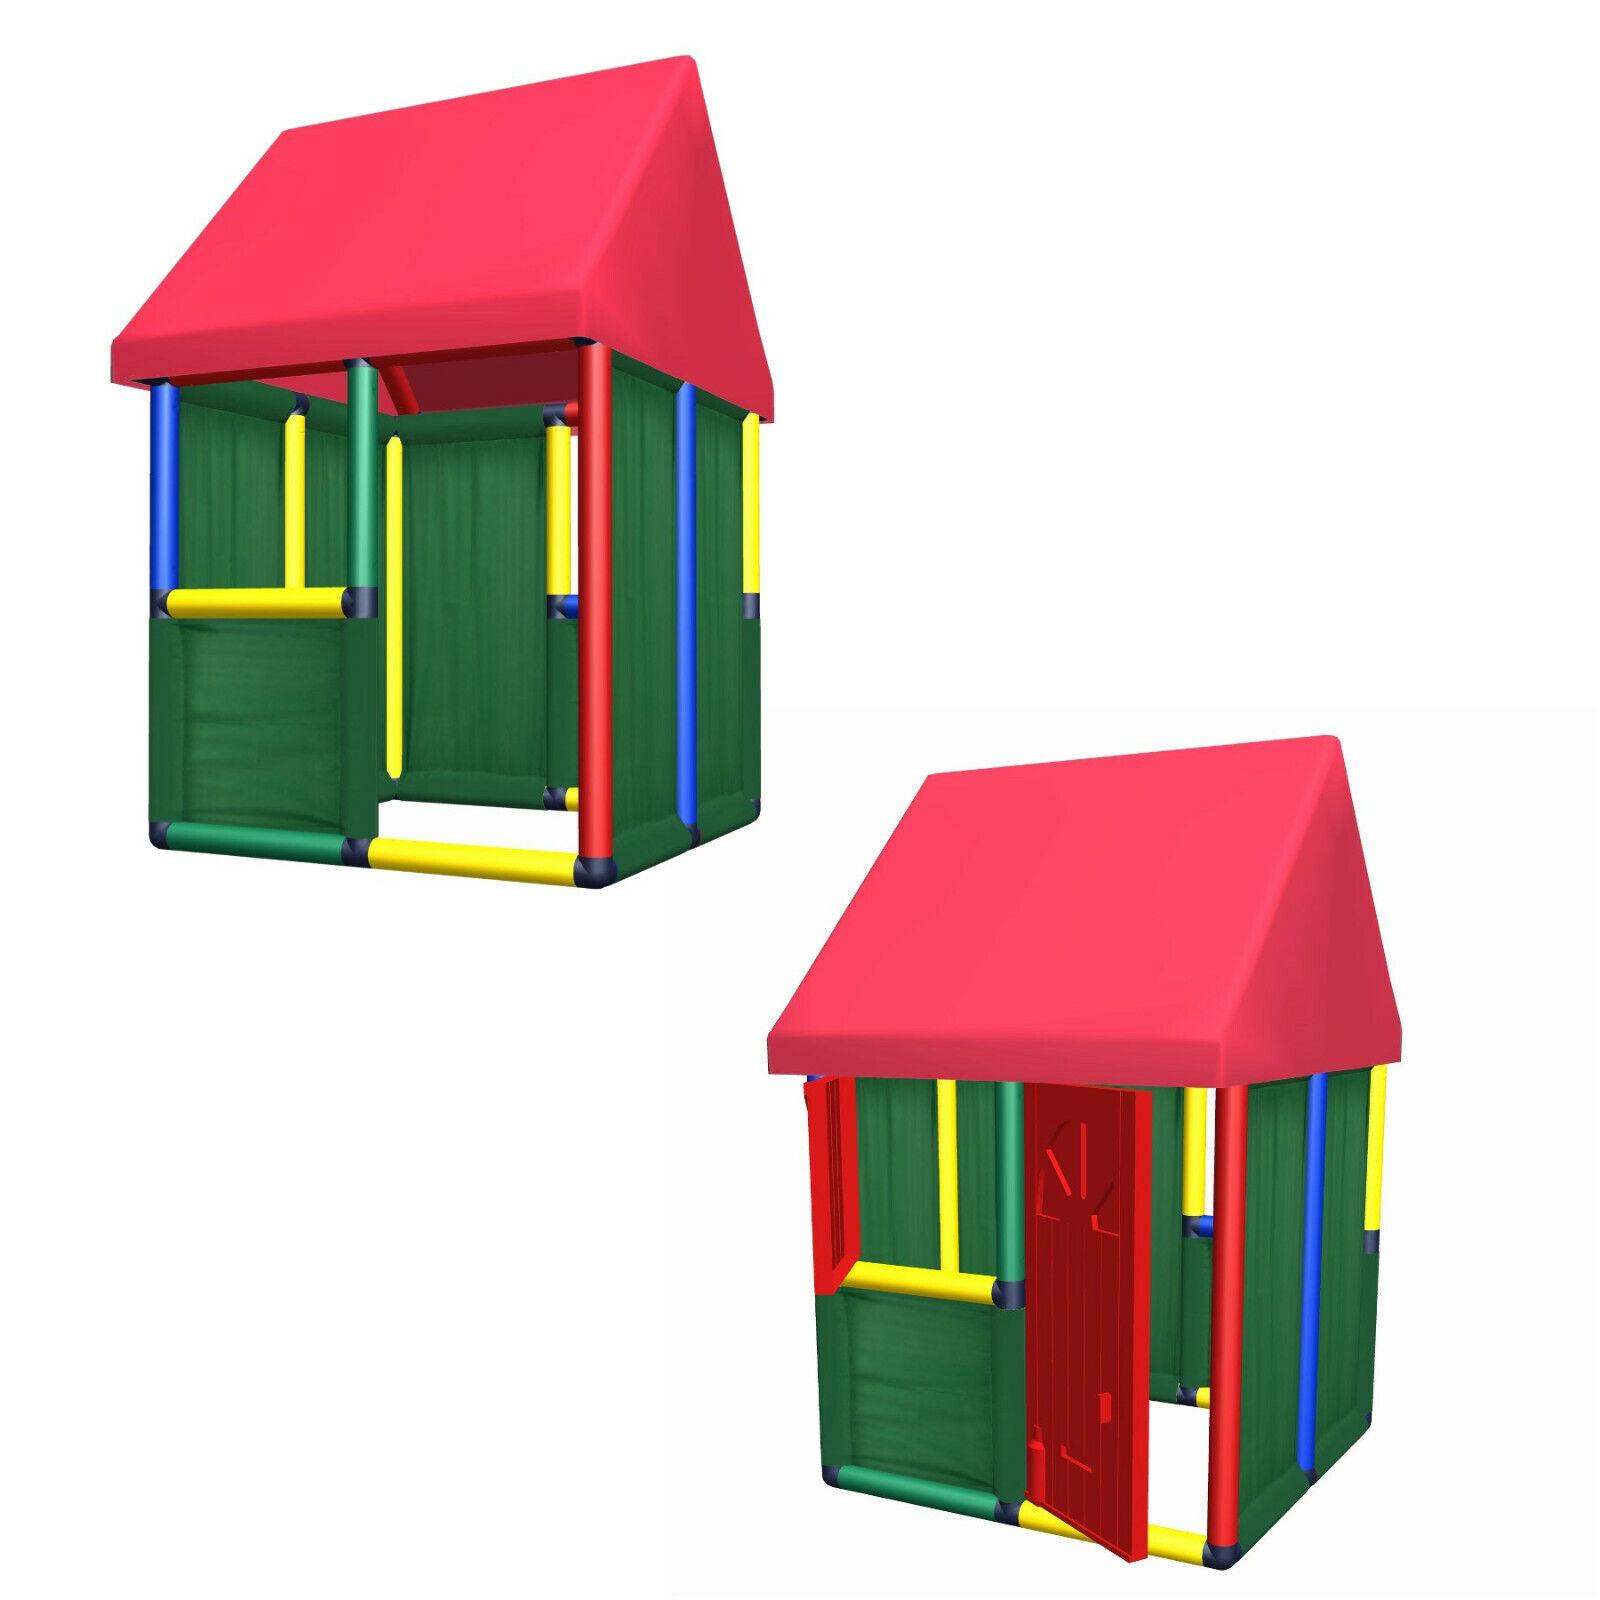 Maison Jouet pour Enfants Playhouse des Jardin Moveandstic